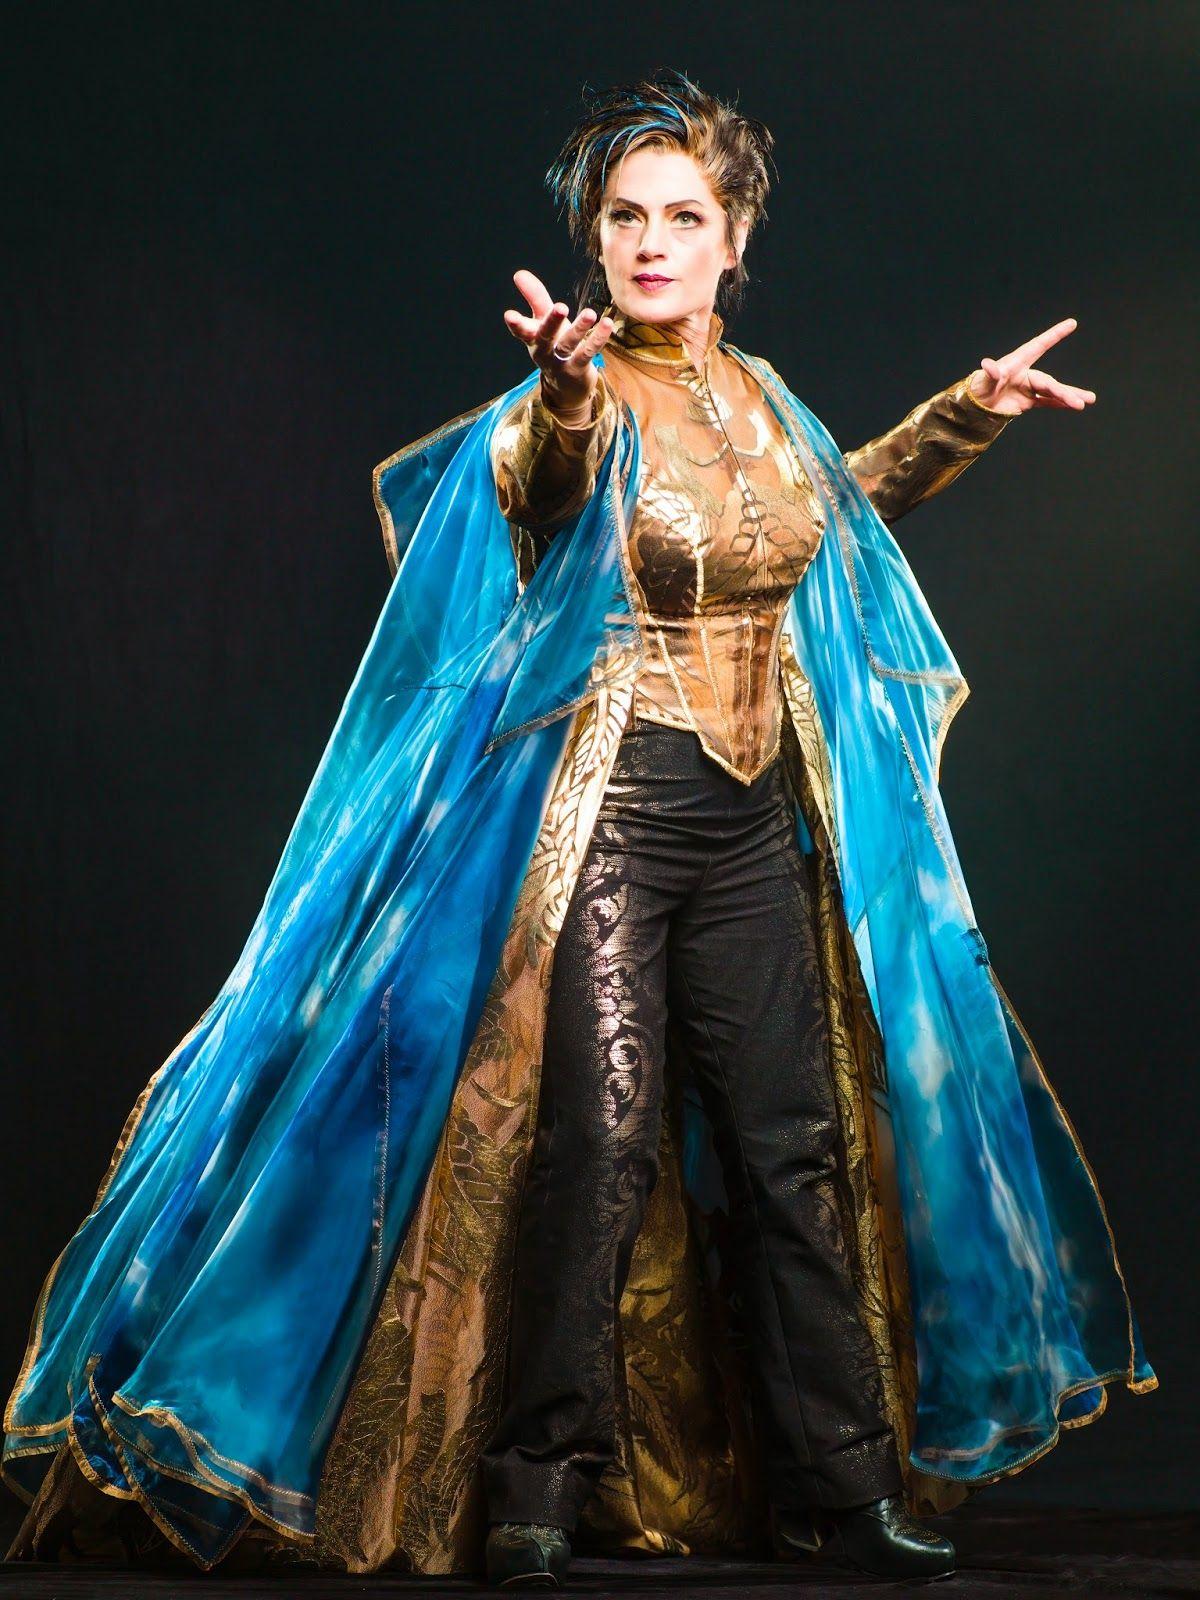 Amaluna Aerial Costume Cirque Du Soleil Costumes